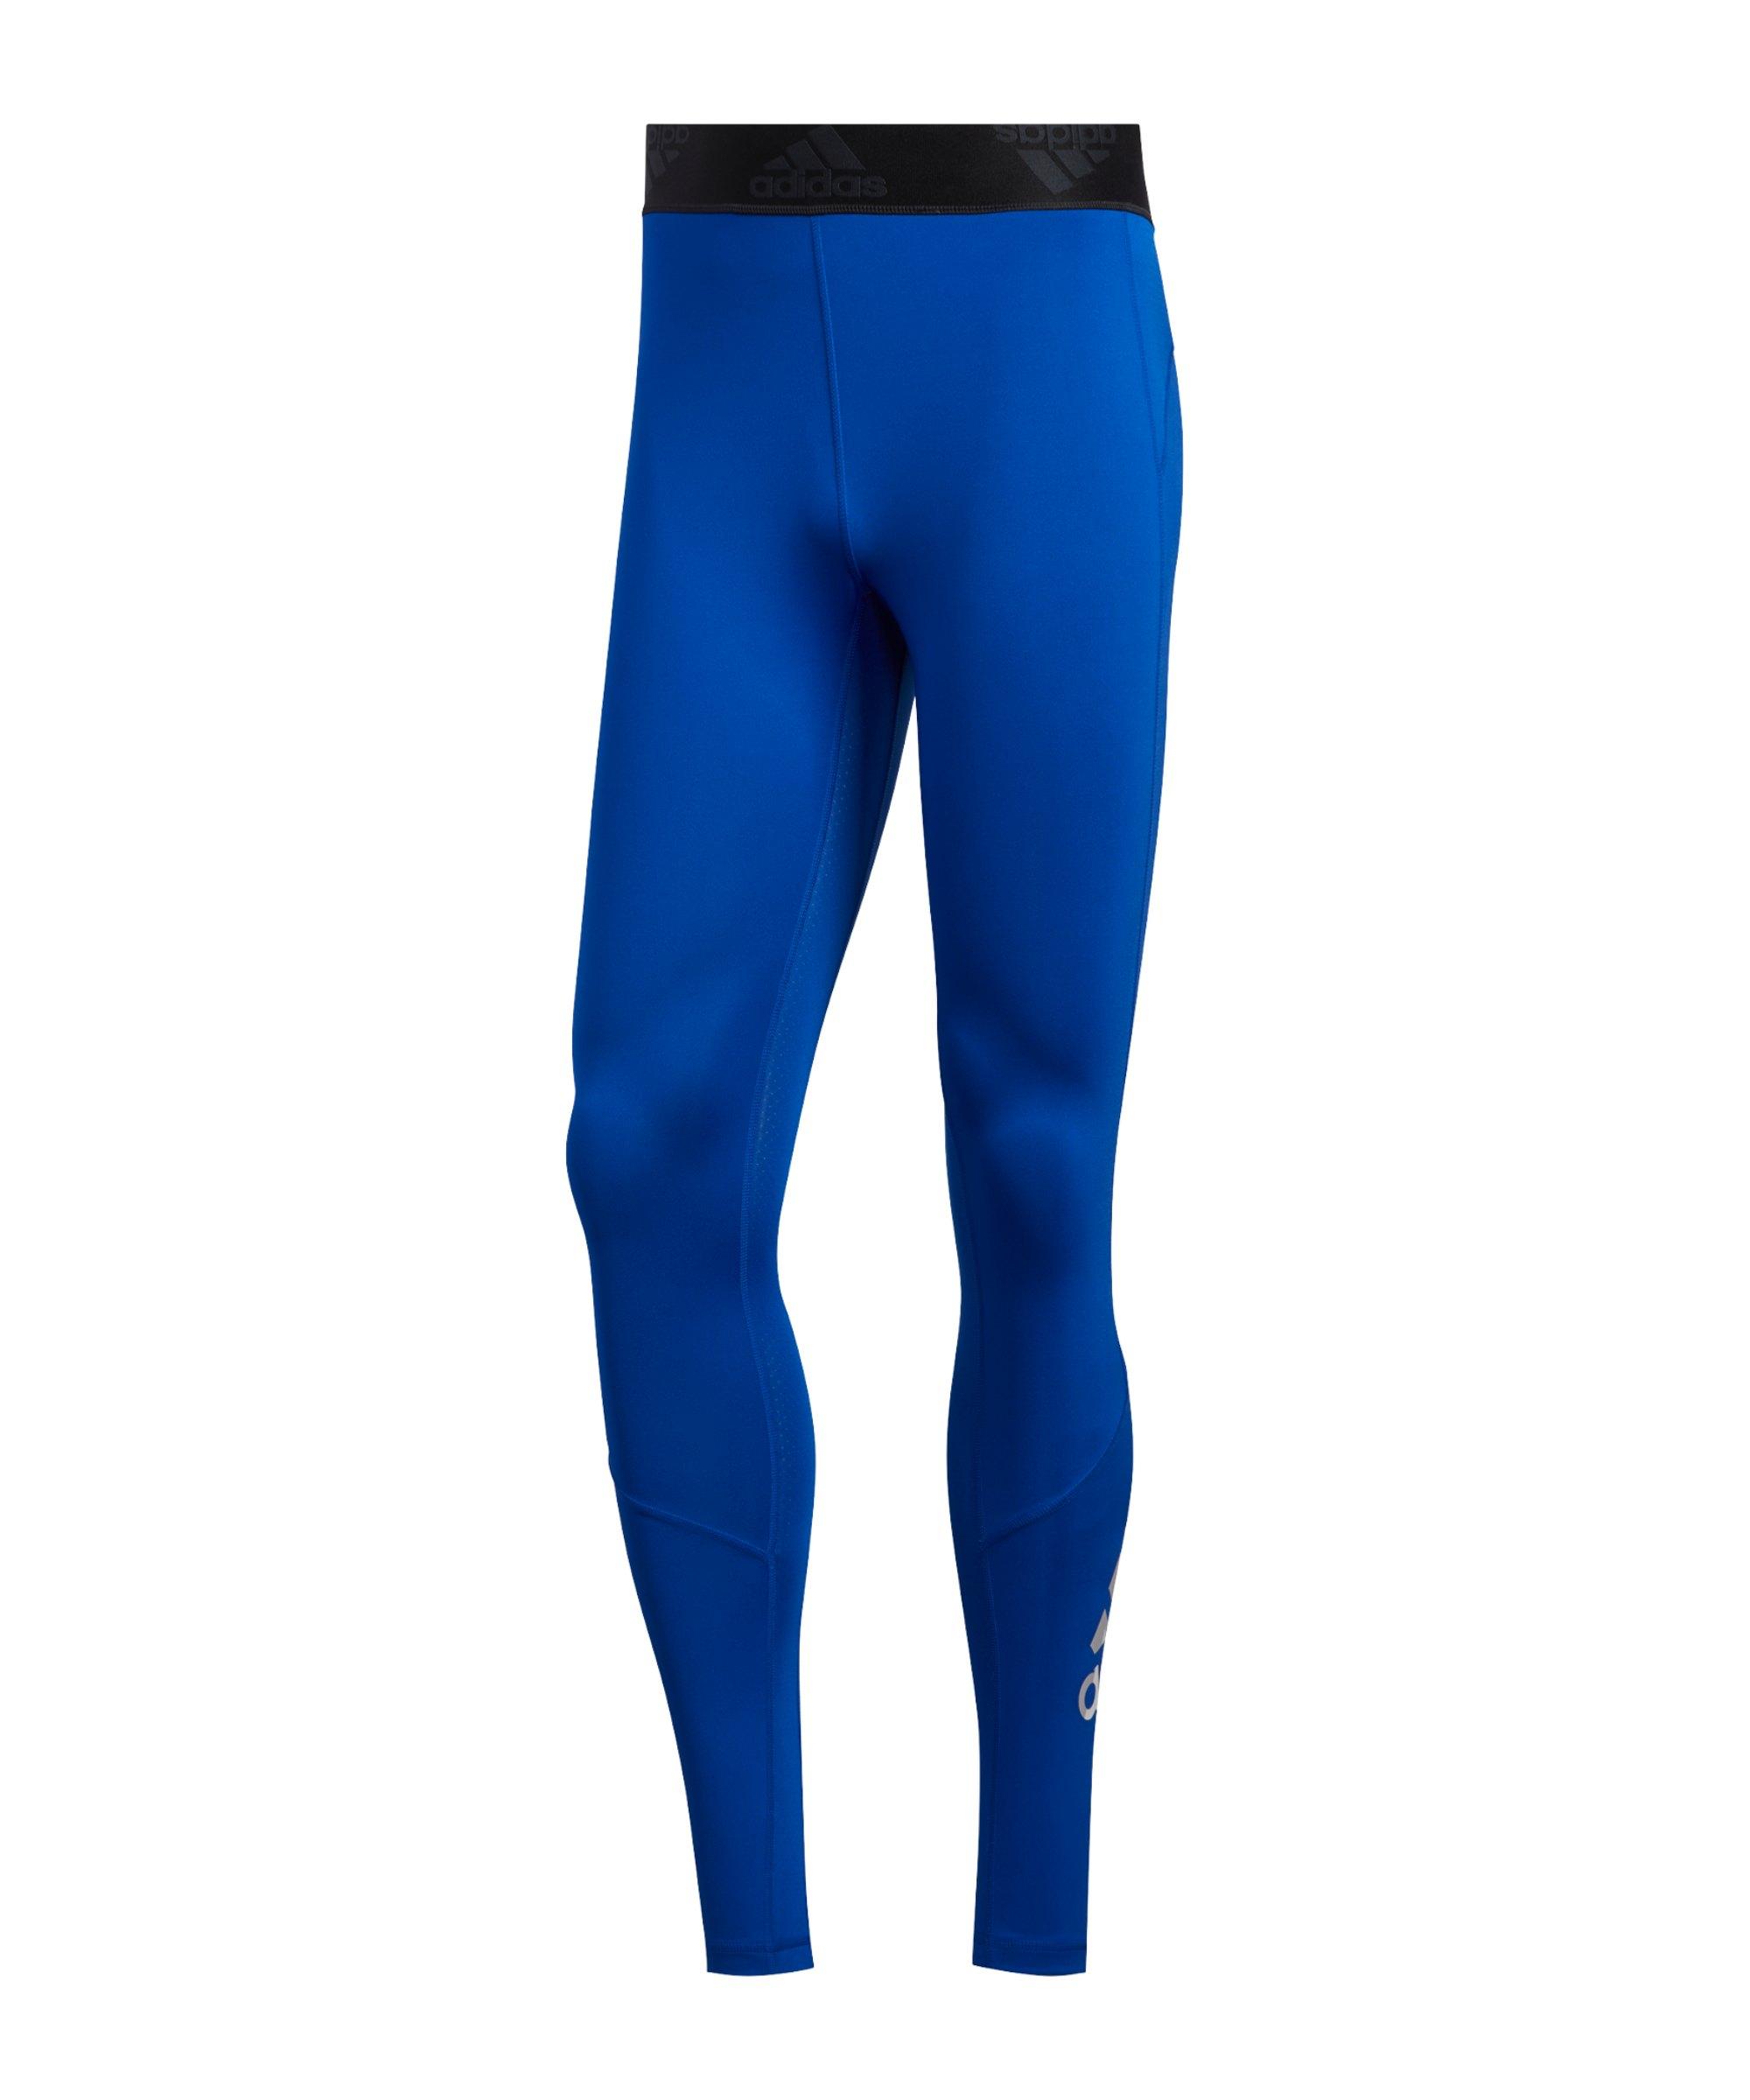 adidas Alphaskin 2.0 Running Blau - blau